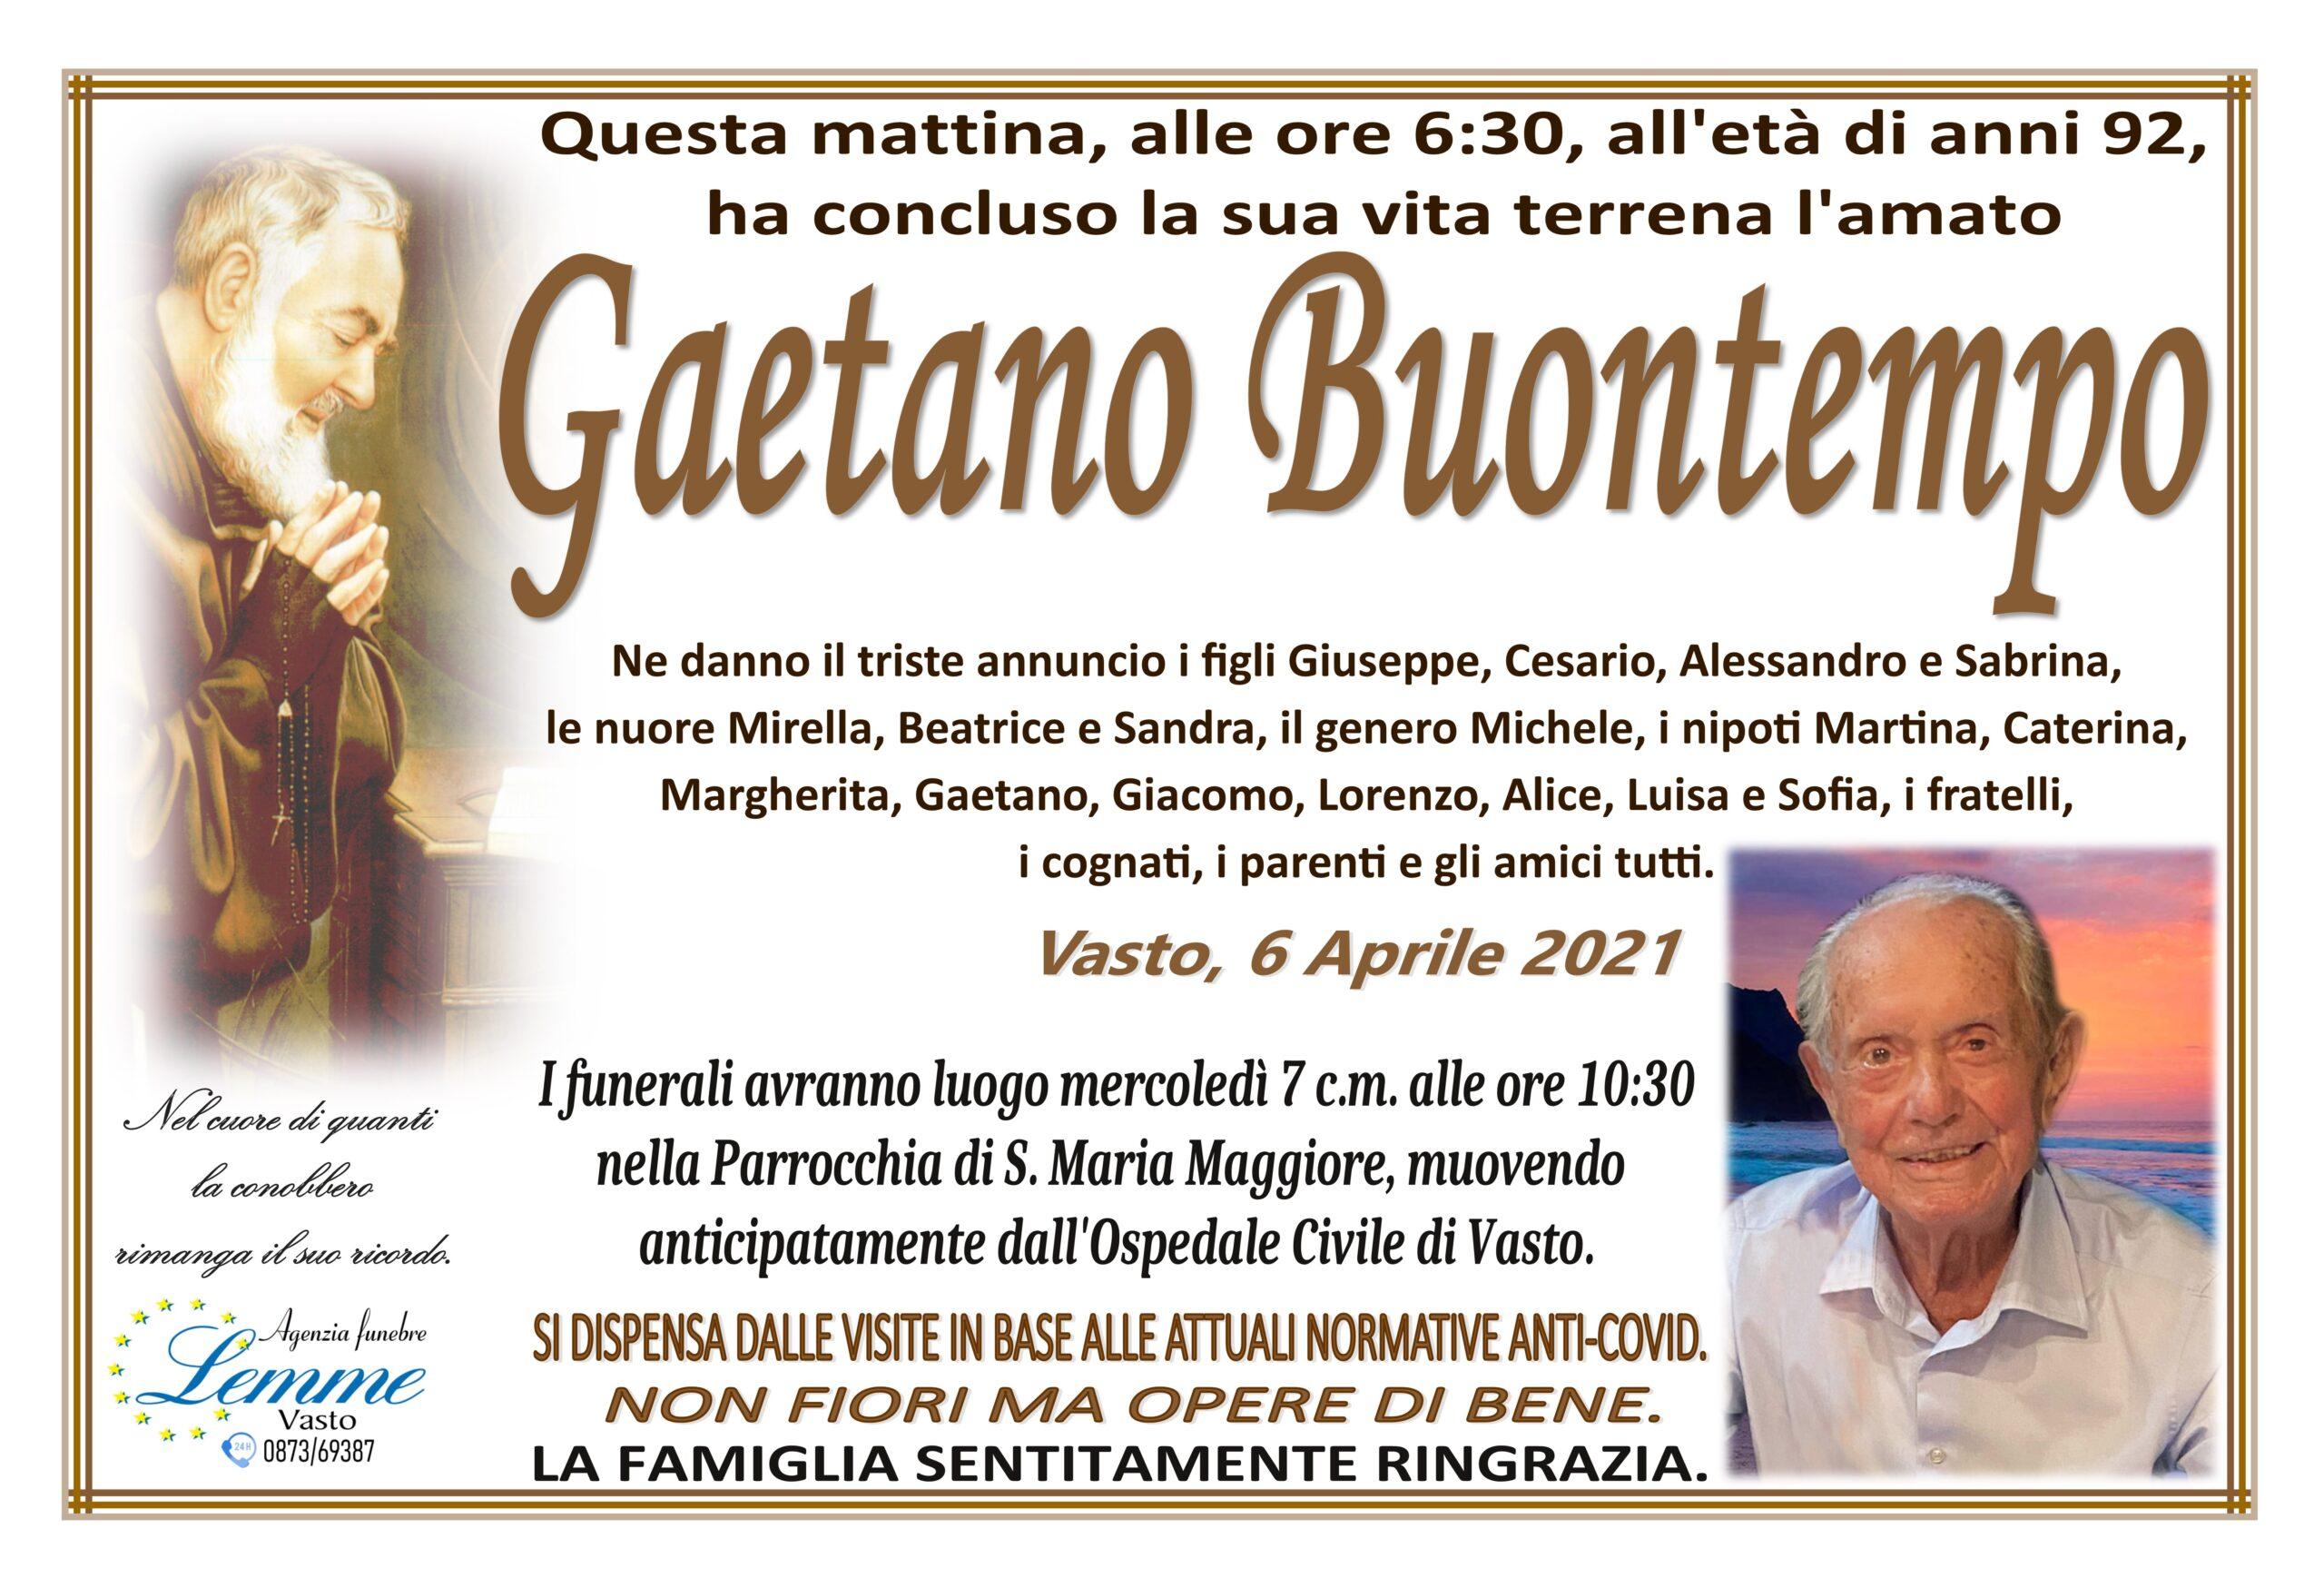 GAETANO BUONTEMPO